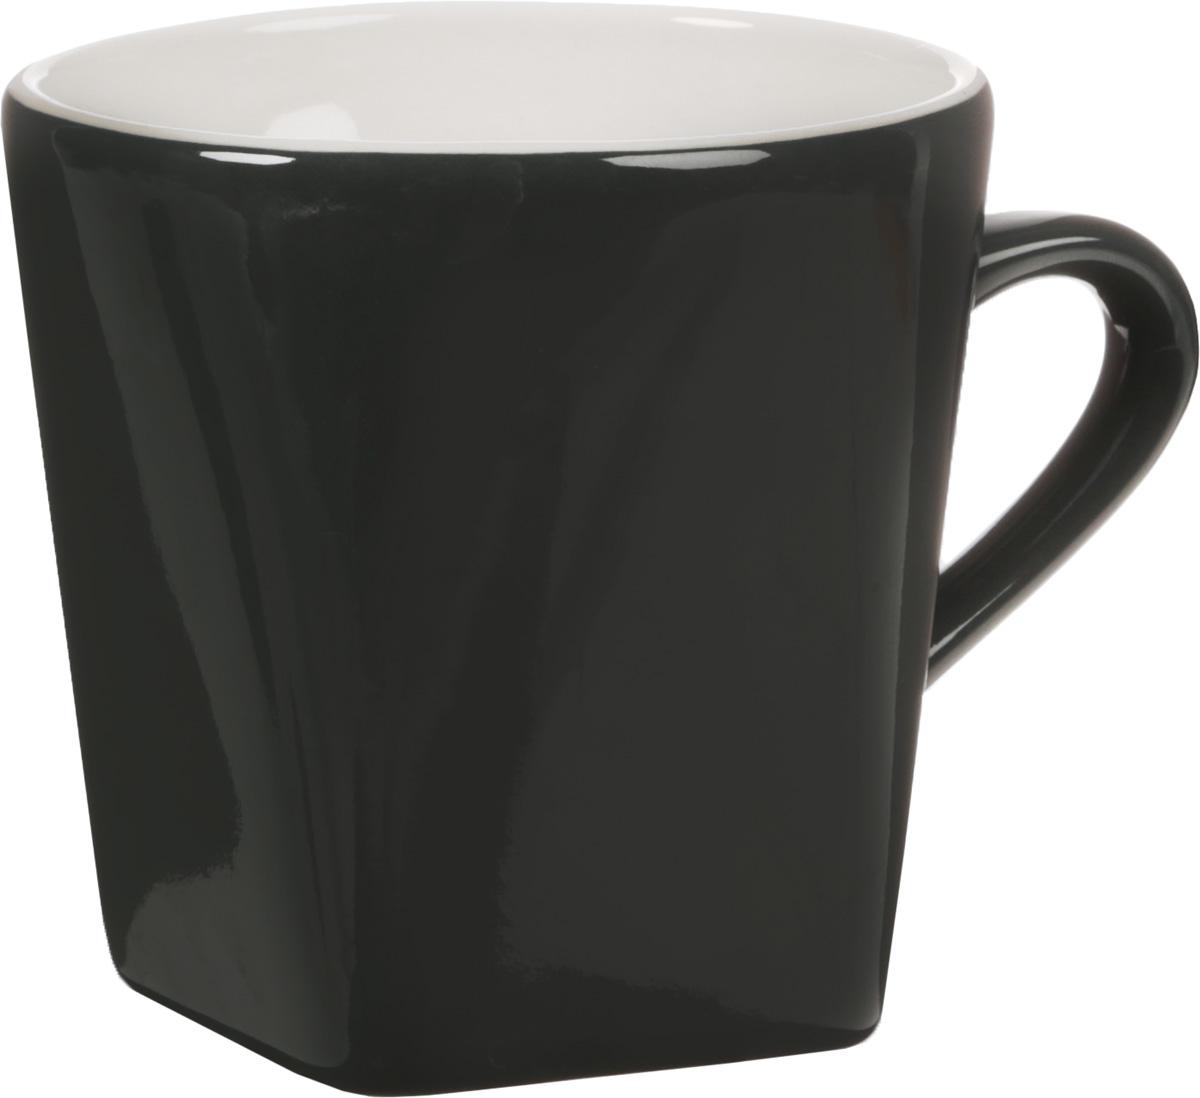 Кружка Calve, цвет: темно-серый, слоновая кость, 320 мл26298Кружка Loraine Calve, изготовленная из глазурованной керамики, оснащена удобной ручкой и имеет классический дизайн. Благодаря своим термостатическим свойствам, изделие отлично сохраняет температуру содержимого. Диаметр (по верхнему краю): 9 см. Высота кружки: 9 см. Объем: 320 мл.